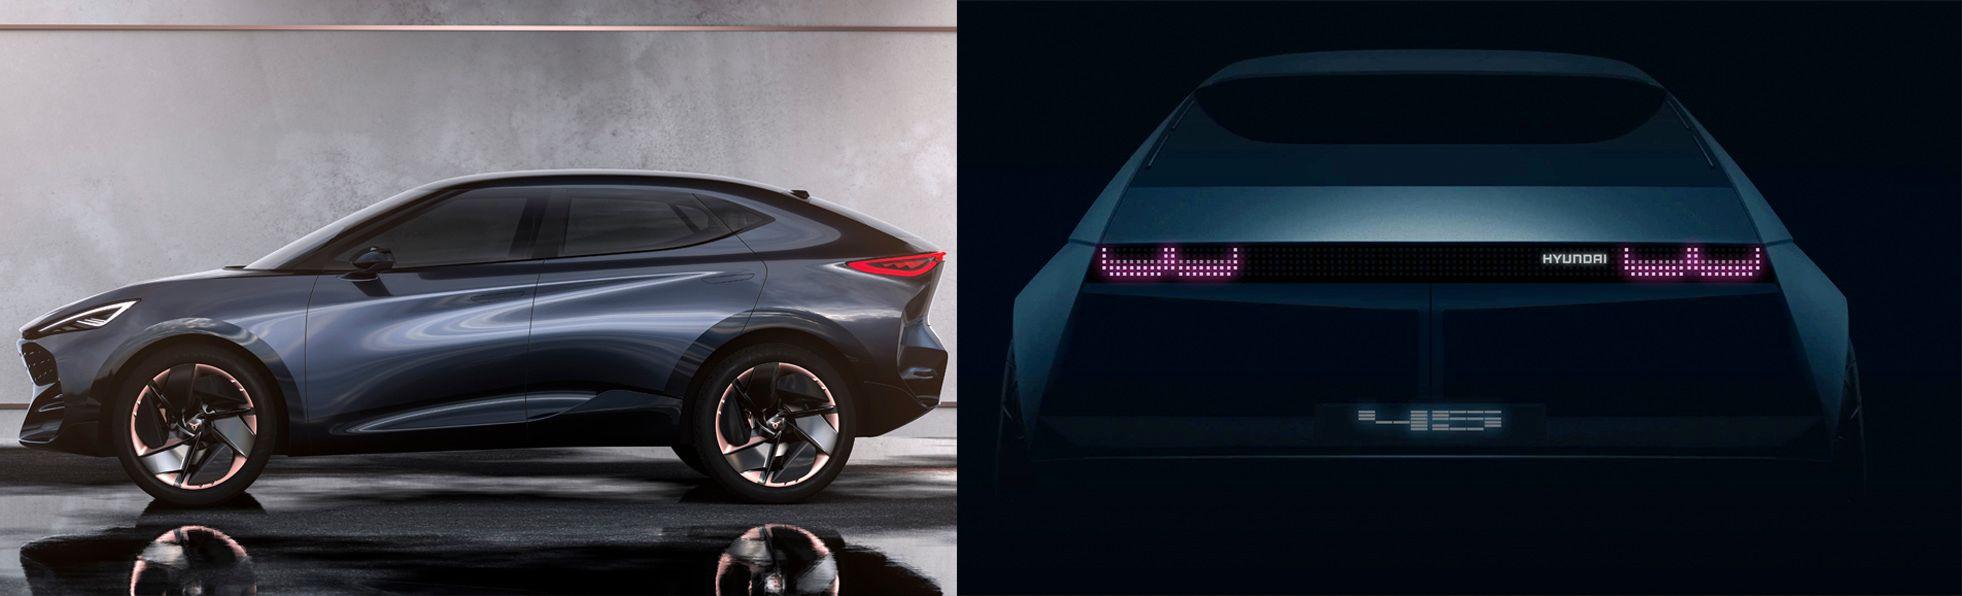 Cupra-konseptet til venstre, Hyundais «45» til høyre.